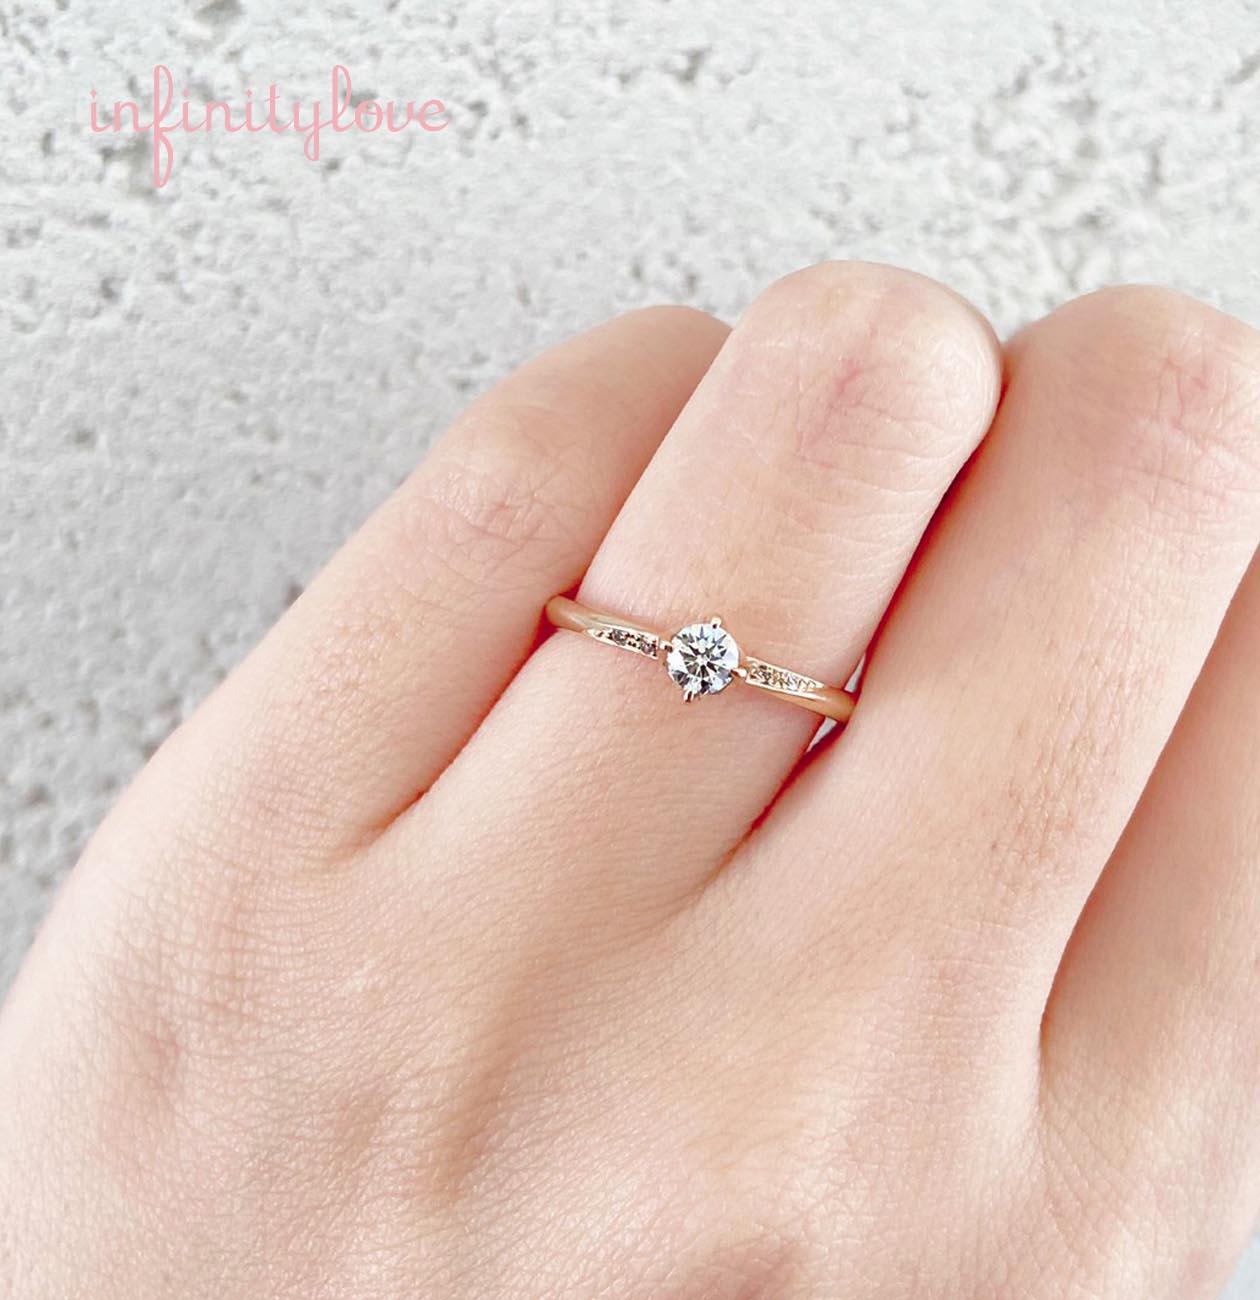 シンプルなウェーブデザインが可愛い婚約指輪